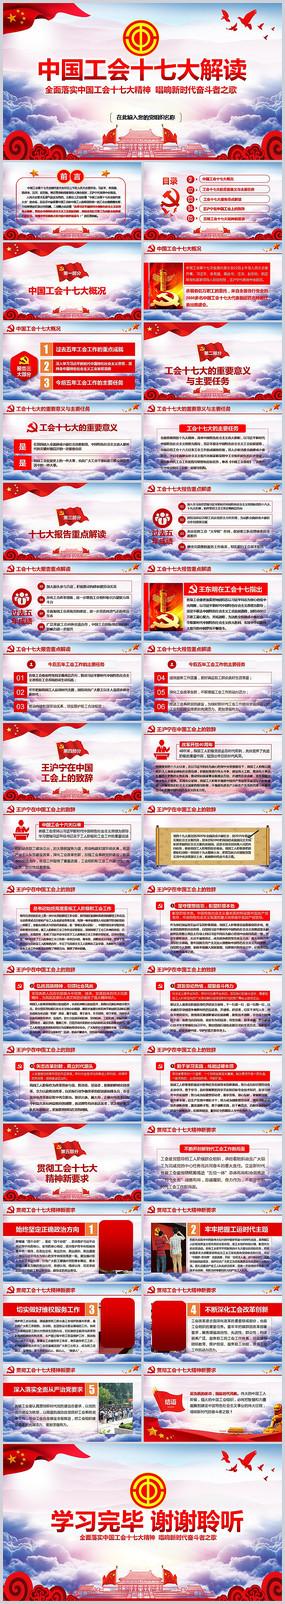 中国工会十七大解读PPT